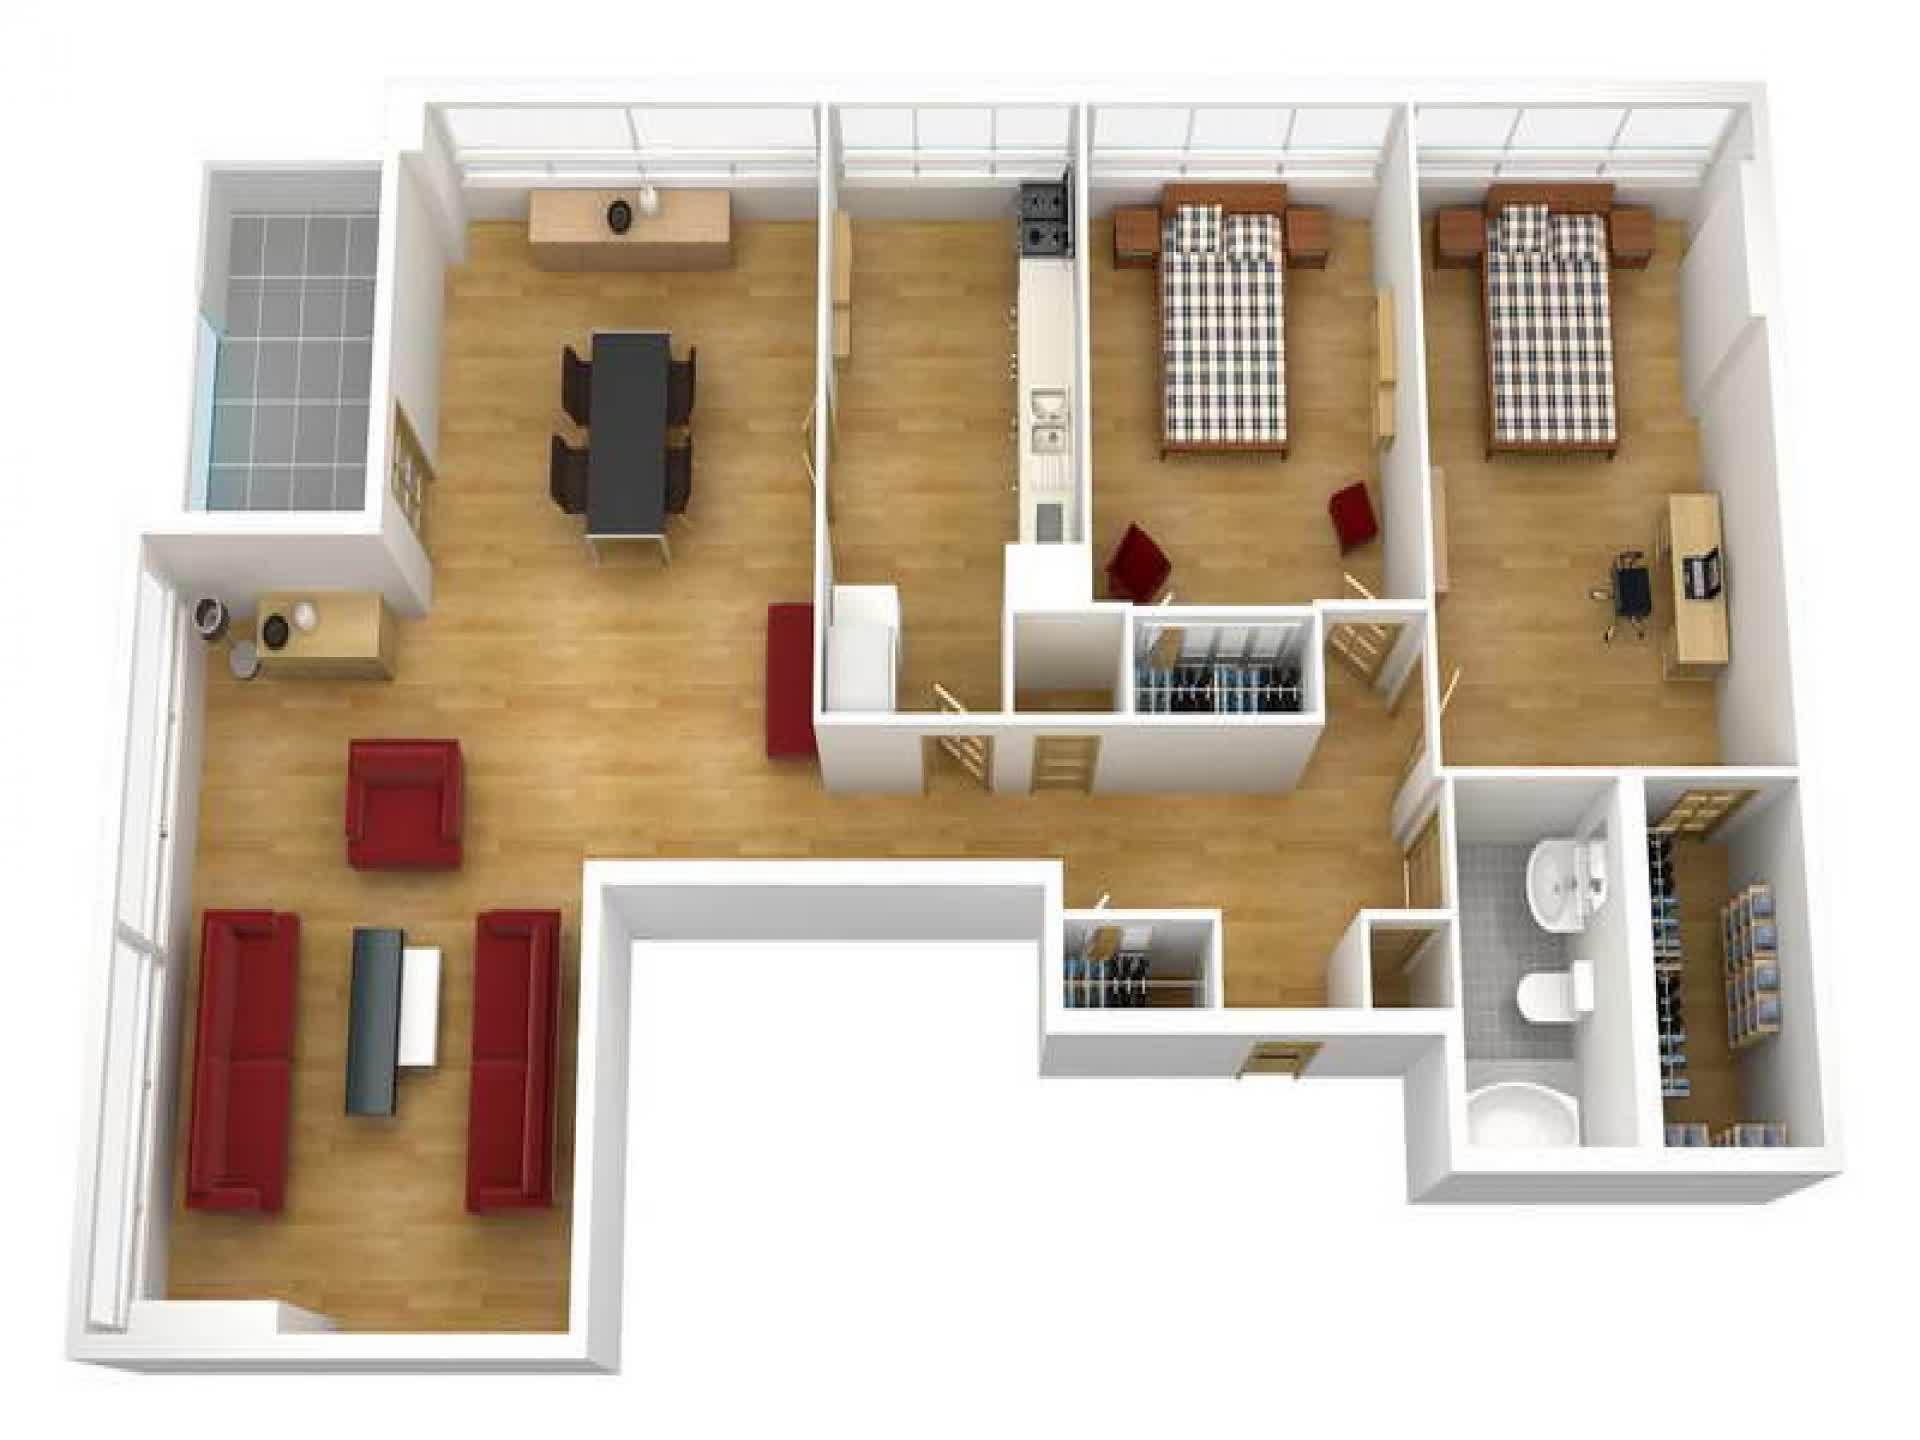 Planner Software Online Home Design Software Home Sketch Software